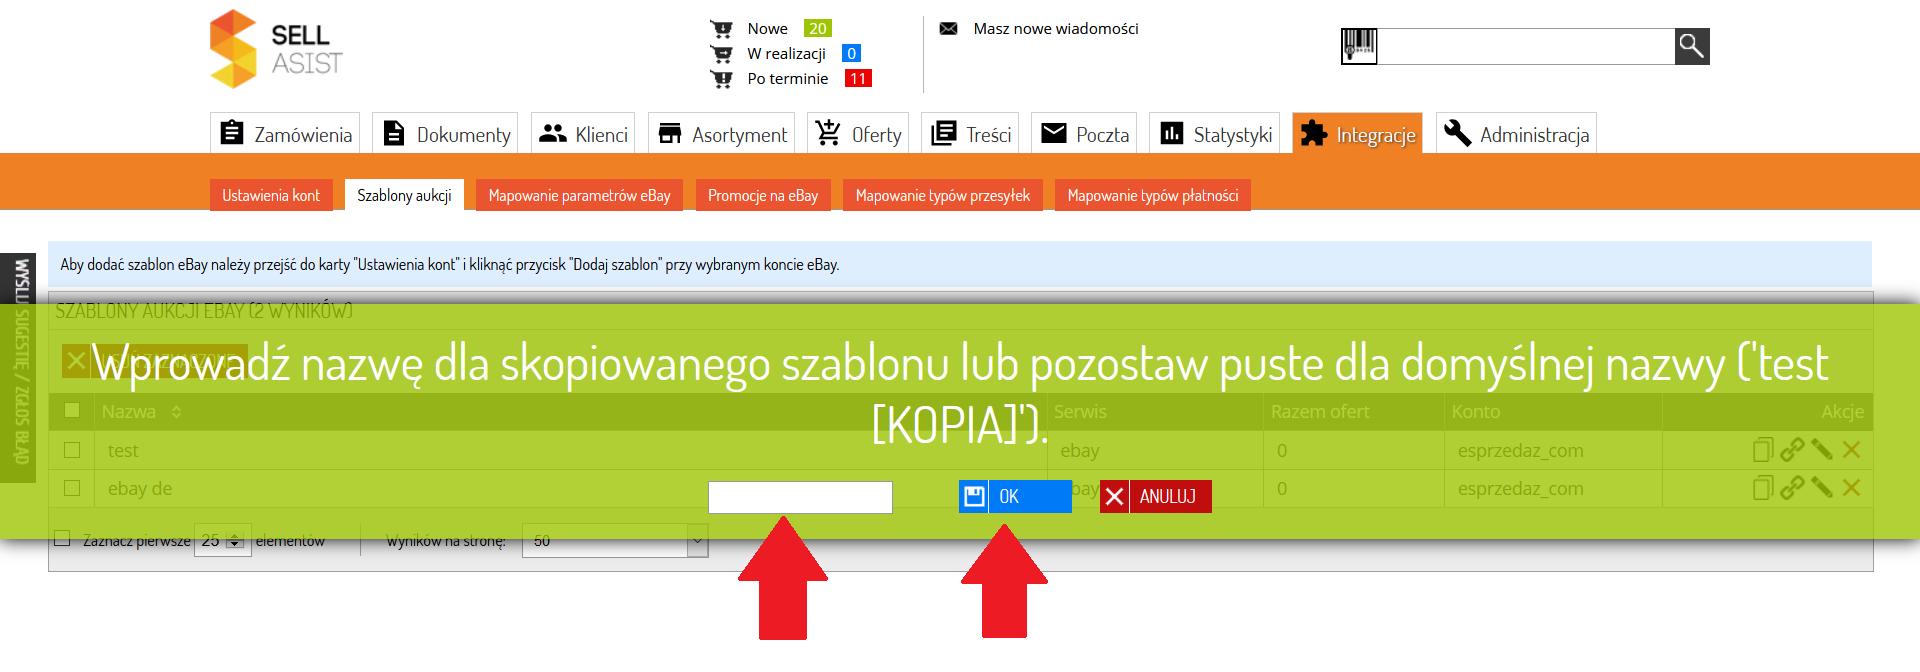 Pomoc Sklep Internetowy Informacje Ecommerce Esprzedaz Com